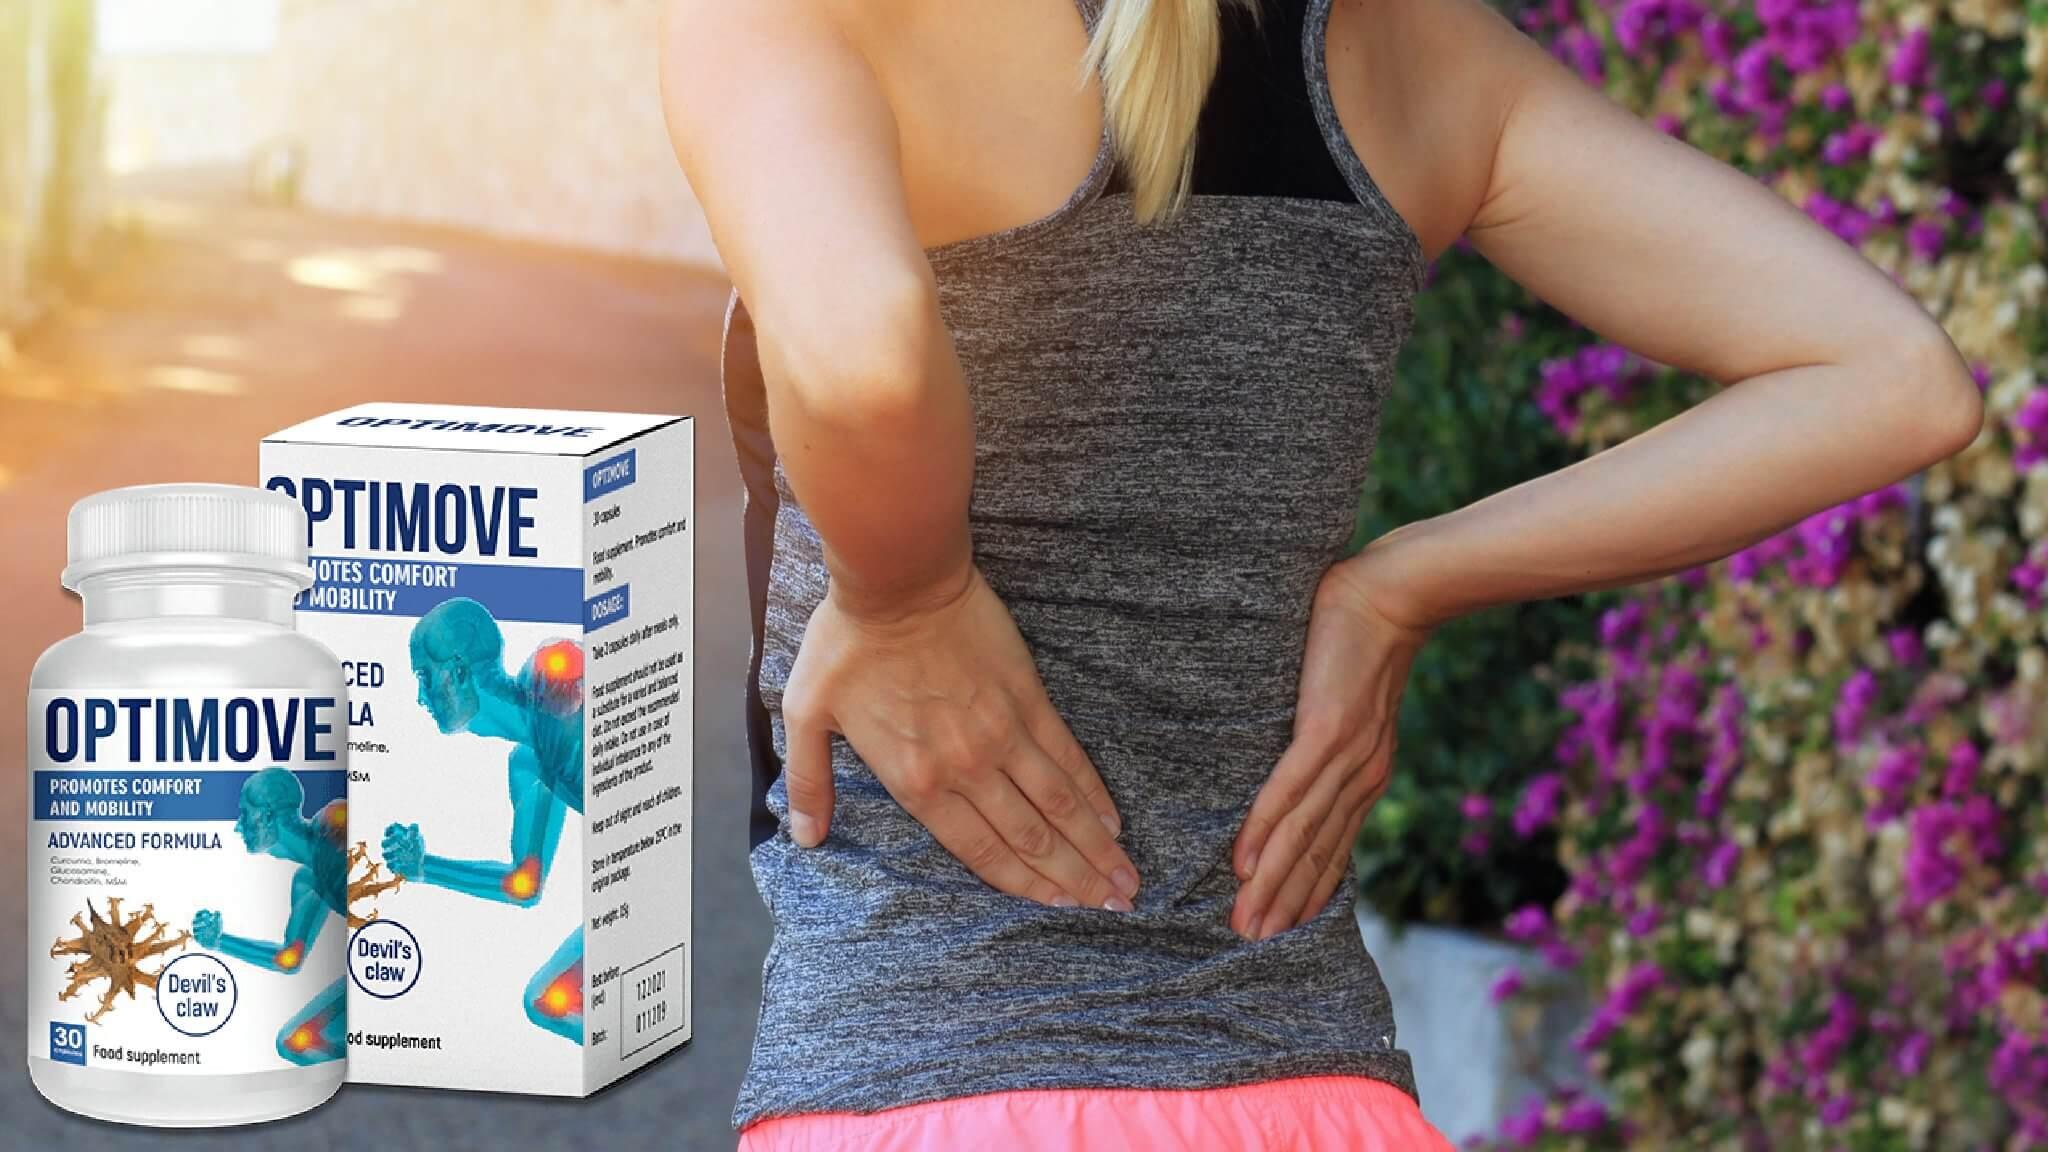 exercițiul articulației genunchiului făcând clic în articulațiile genunchilor